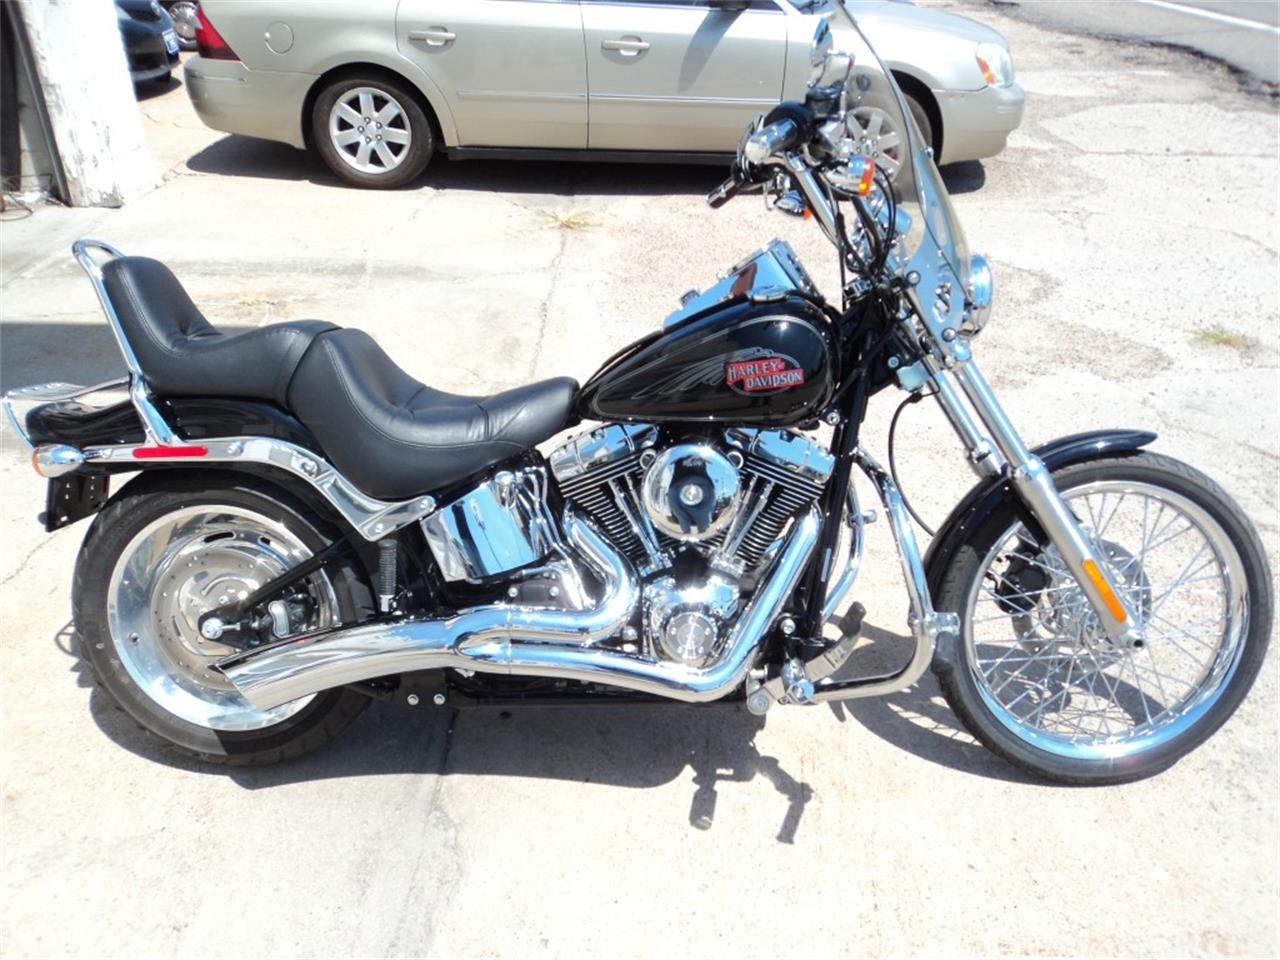 2007 Harley-Davidson Softail (CC-1267858) for sale in Shelton, Nebraska